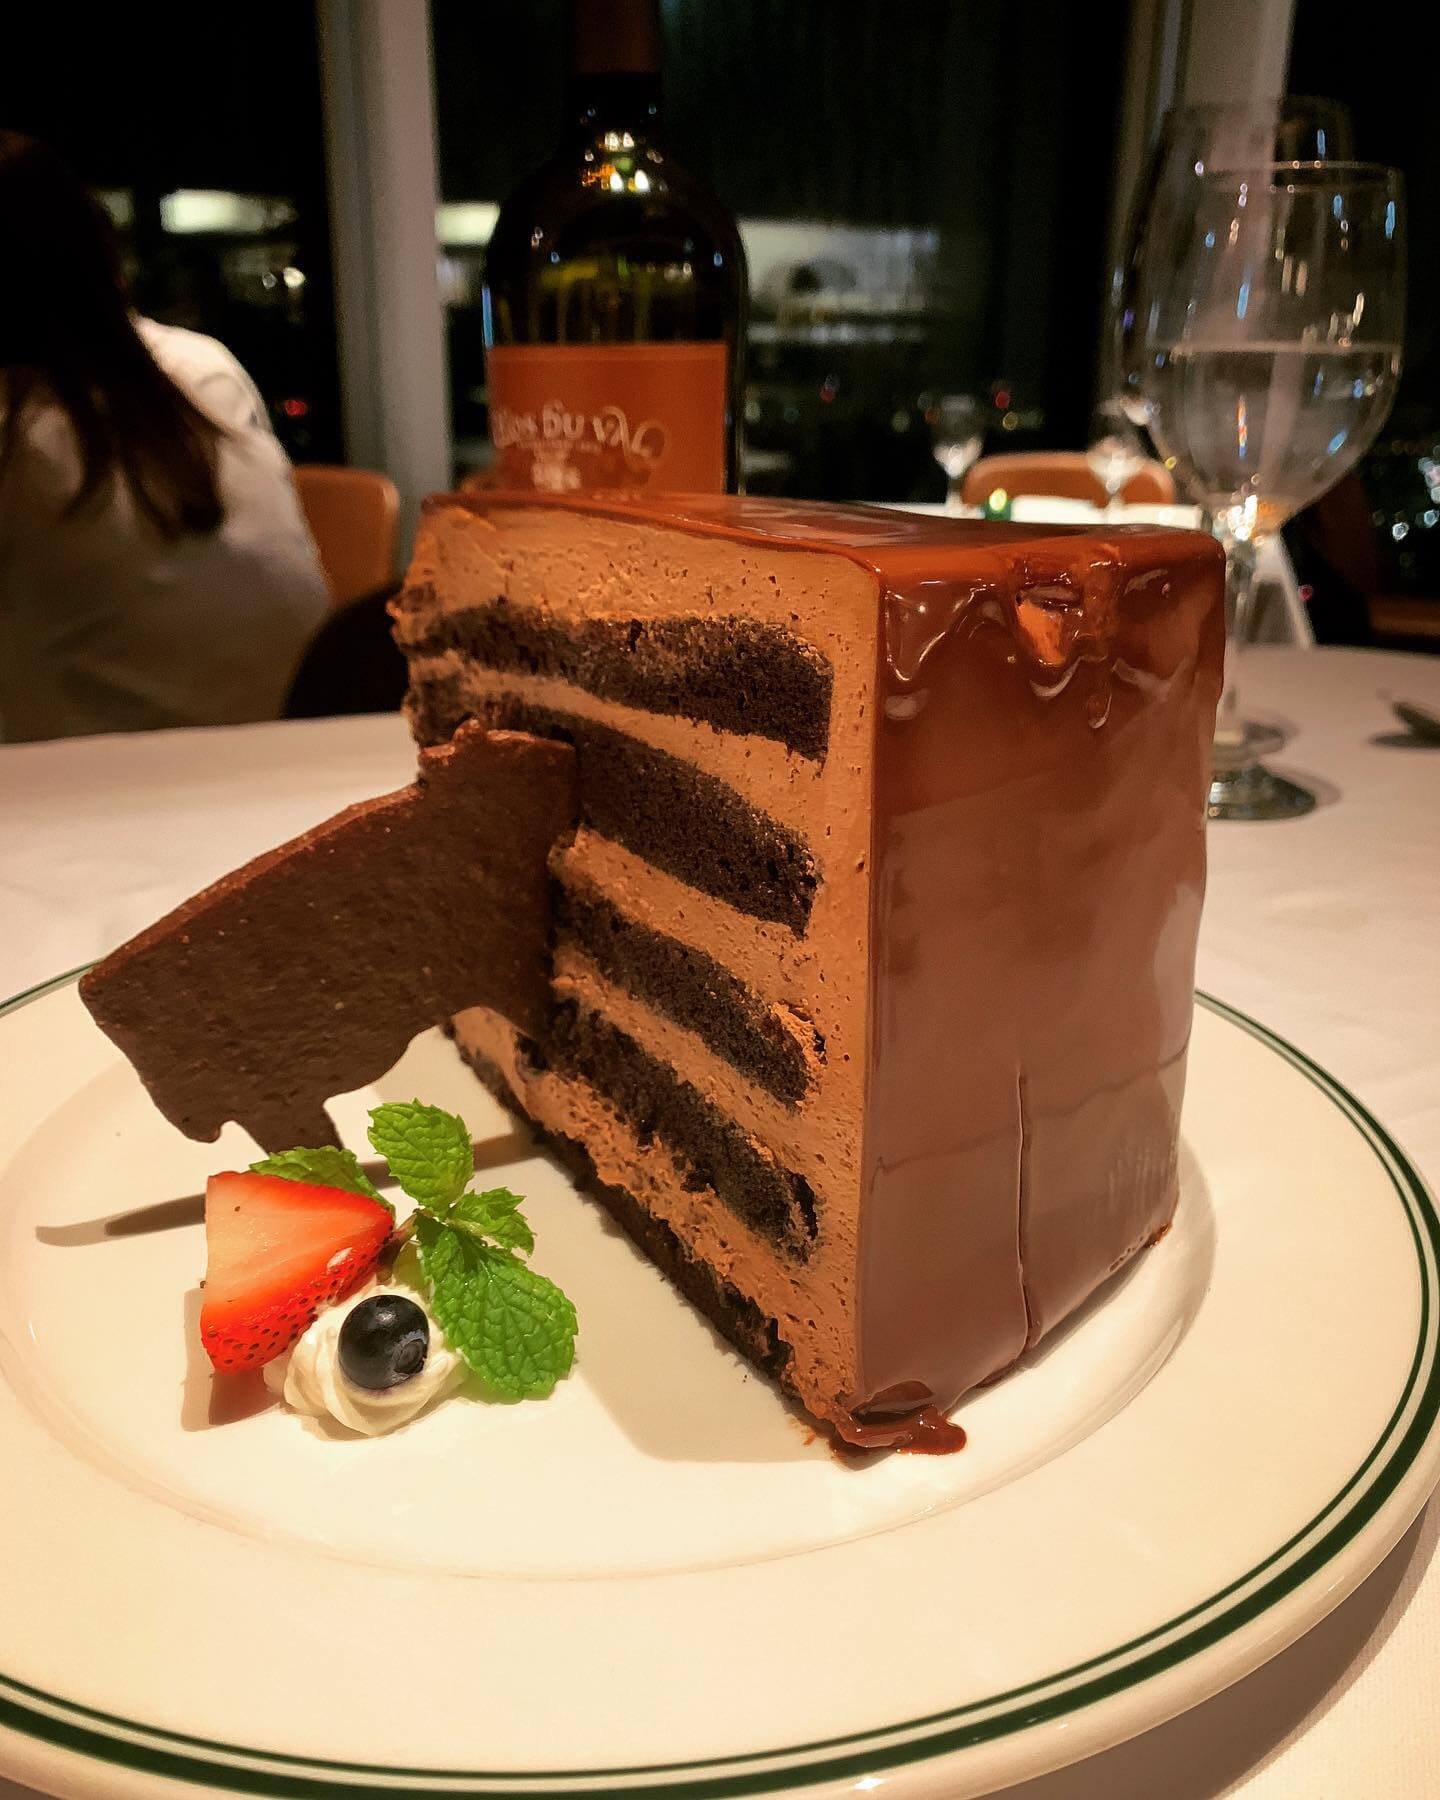 巨大巧克力蛋糕。(圖/吐司客拍攝)